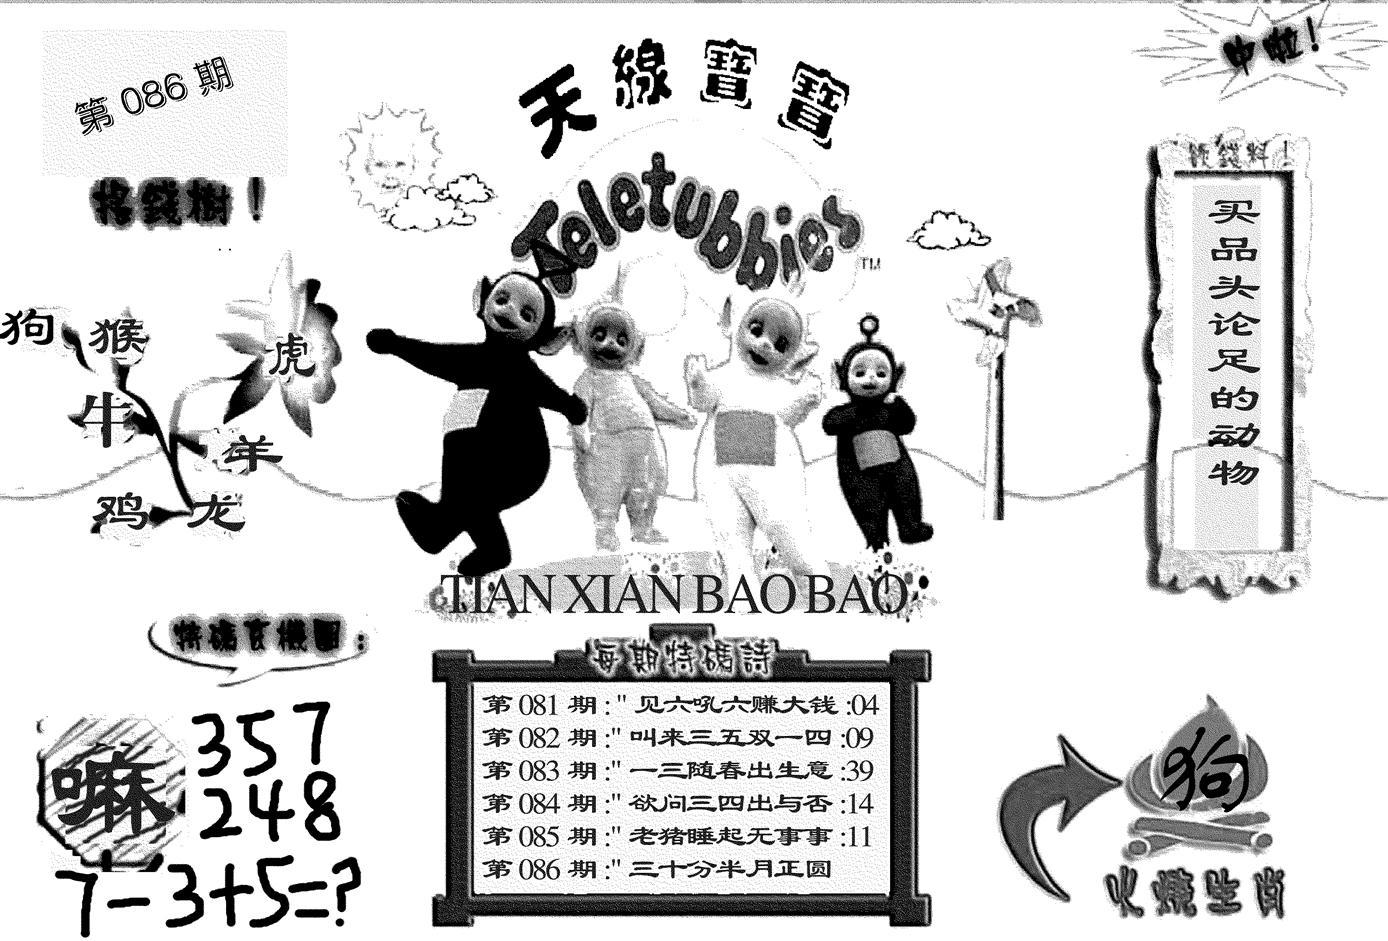 086期天线宝宝(黑白)(黑白)